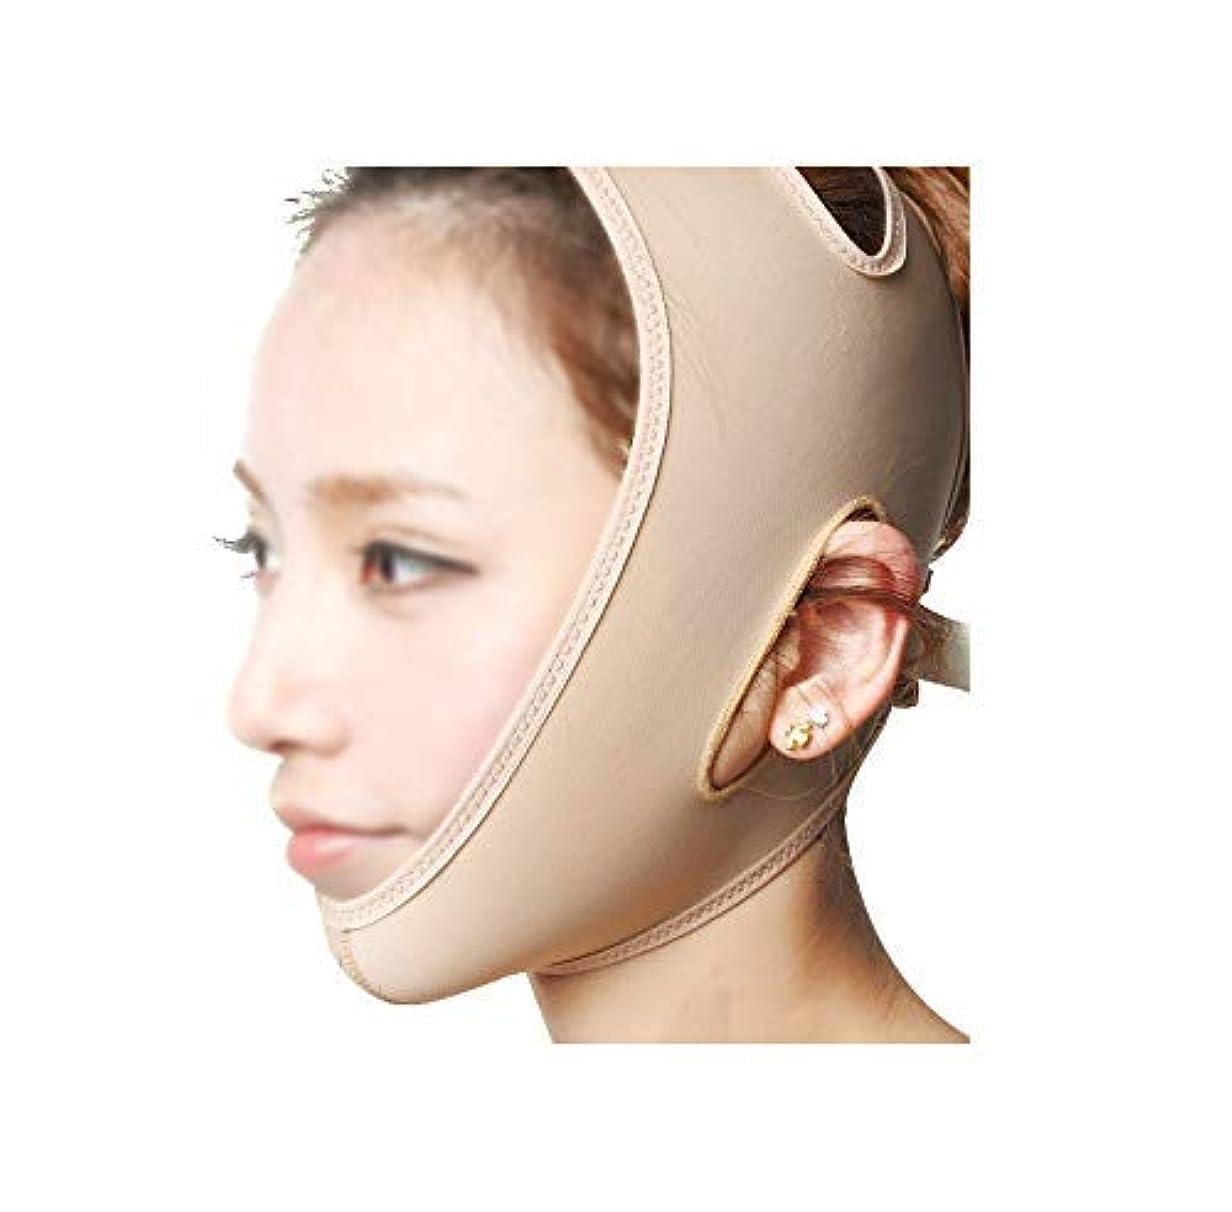 優しさ音節ベジタリアンフェイスリフティングバンデージ、フェイスマスク3Dパネルデザイン、通気性に優れたライクラ素材の物理的なVフェイス、美しい顔の輪郭の作成(サイズ:S),Xl